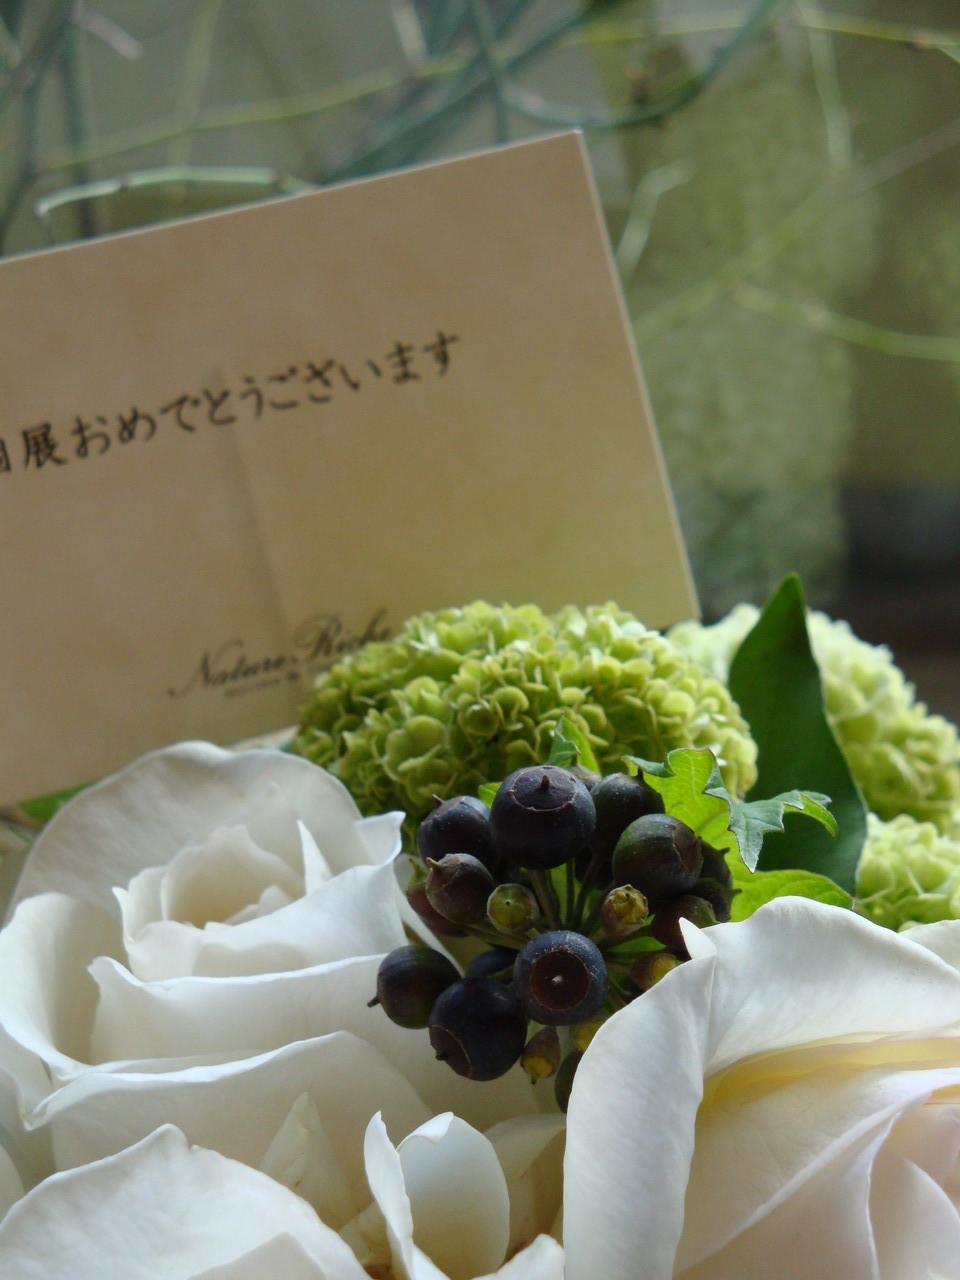 素敵な花屋さんnature risheさんより